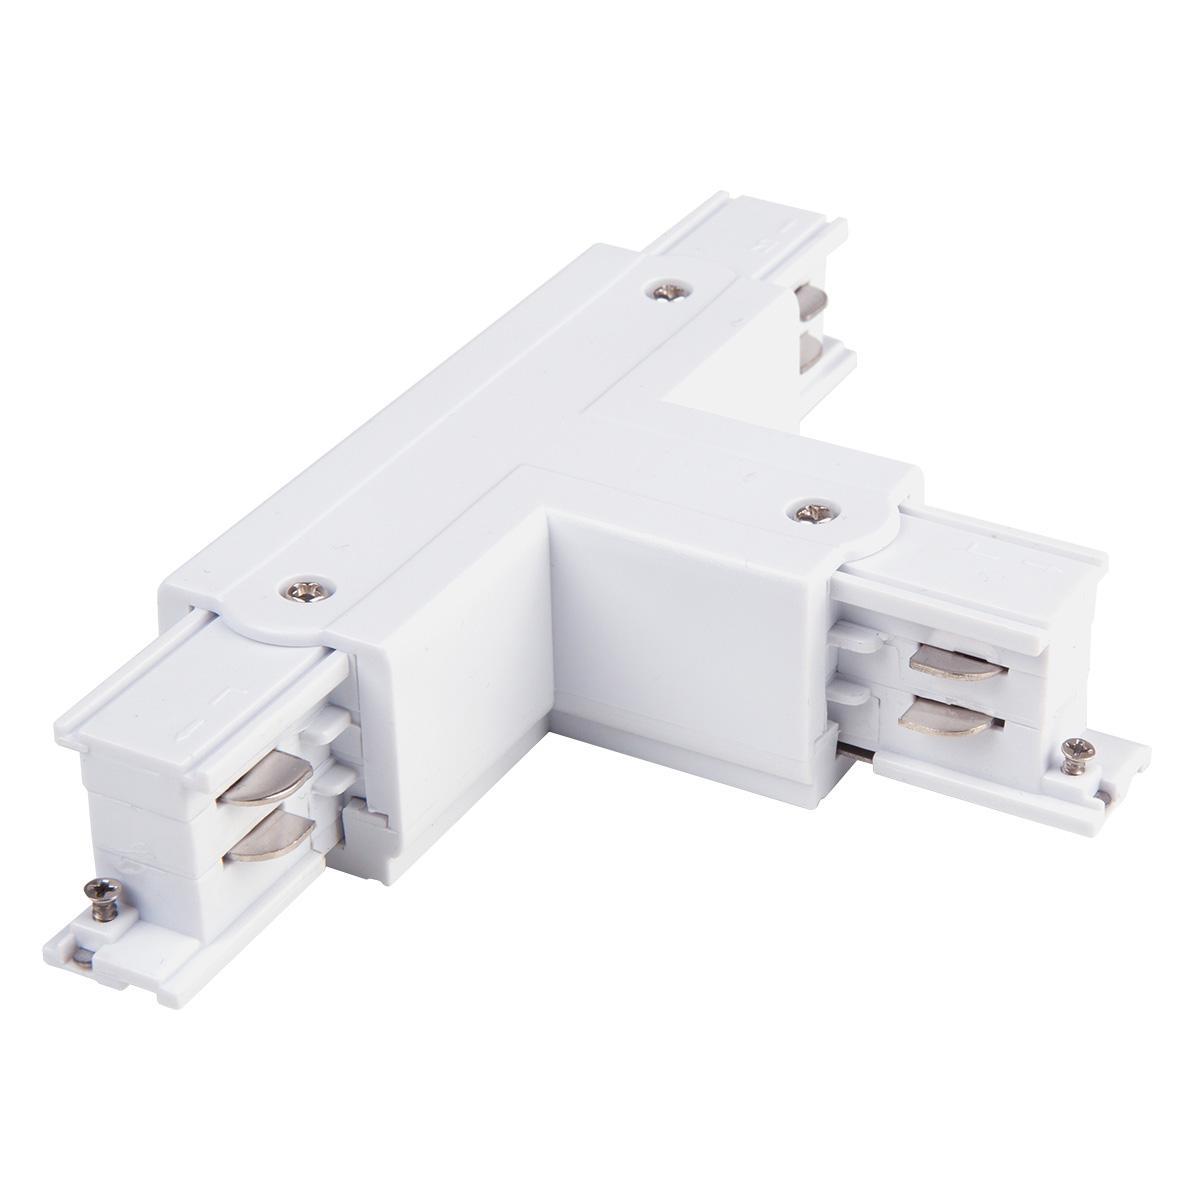 TRC-1-3-TR-WH / Коннектор Т-образный для трехфазного шинопровода правый (белый)